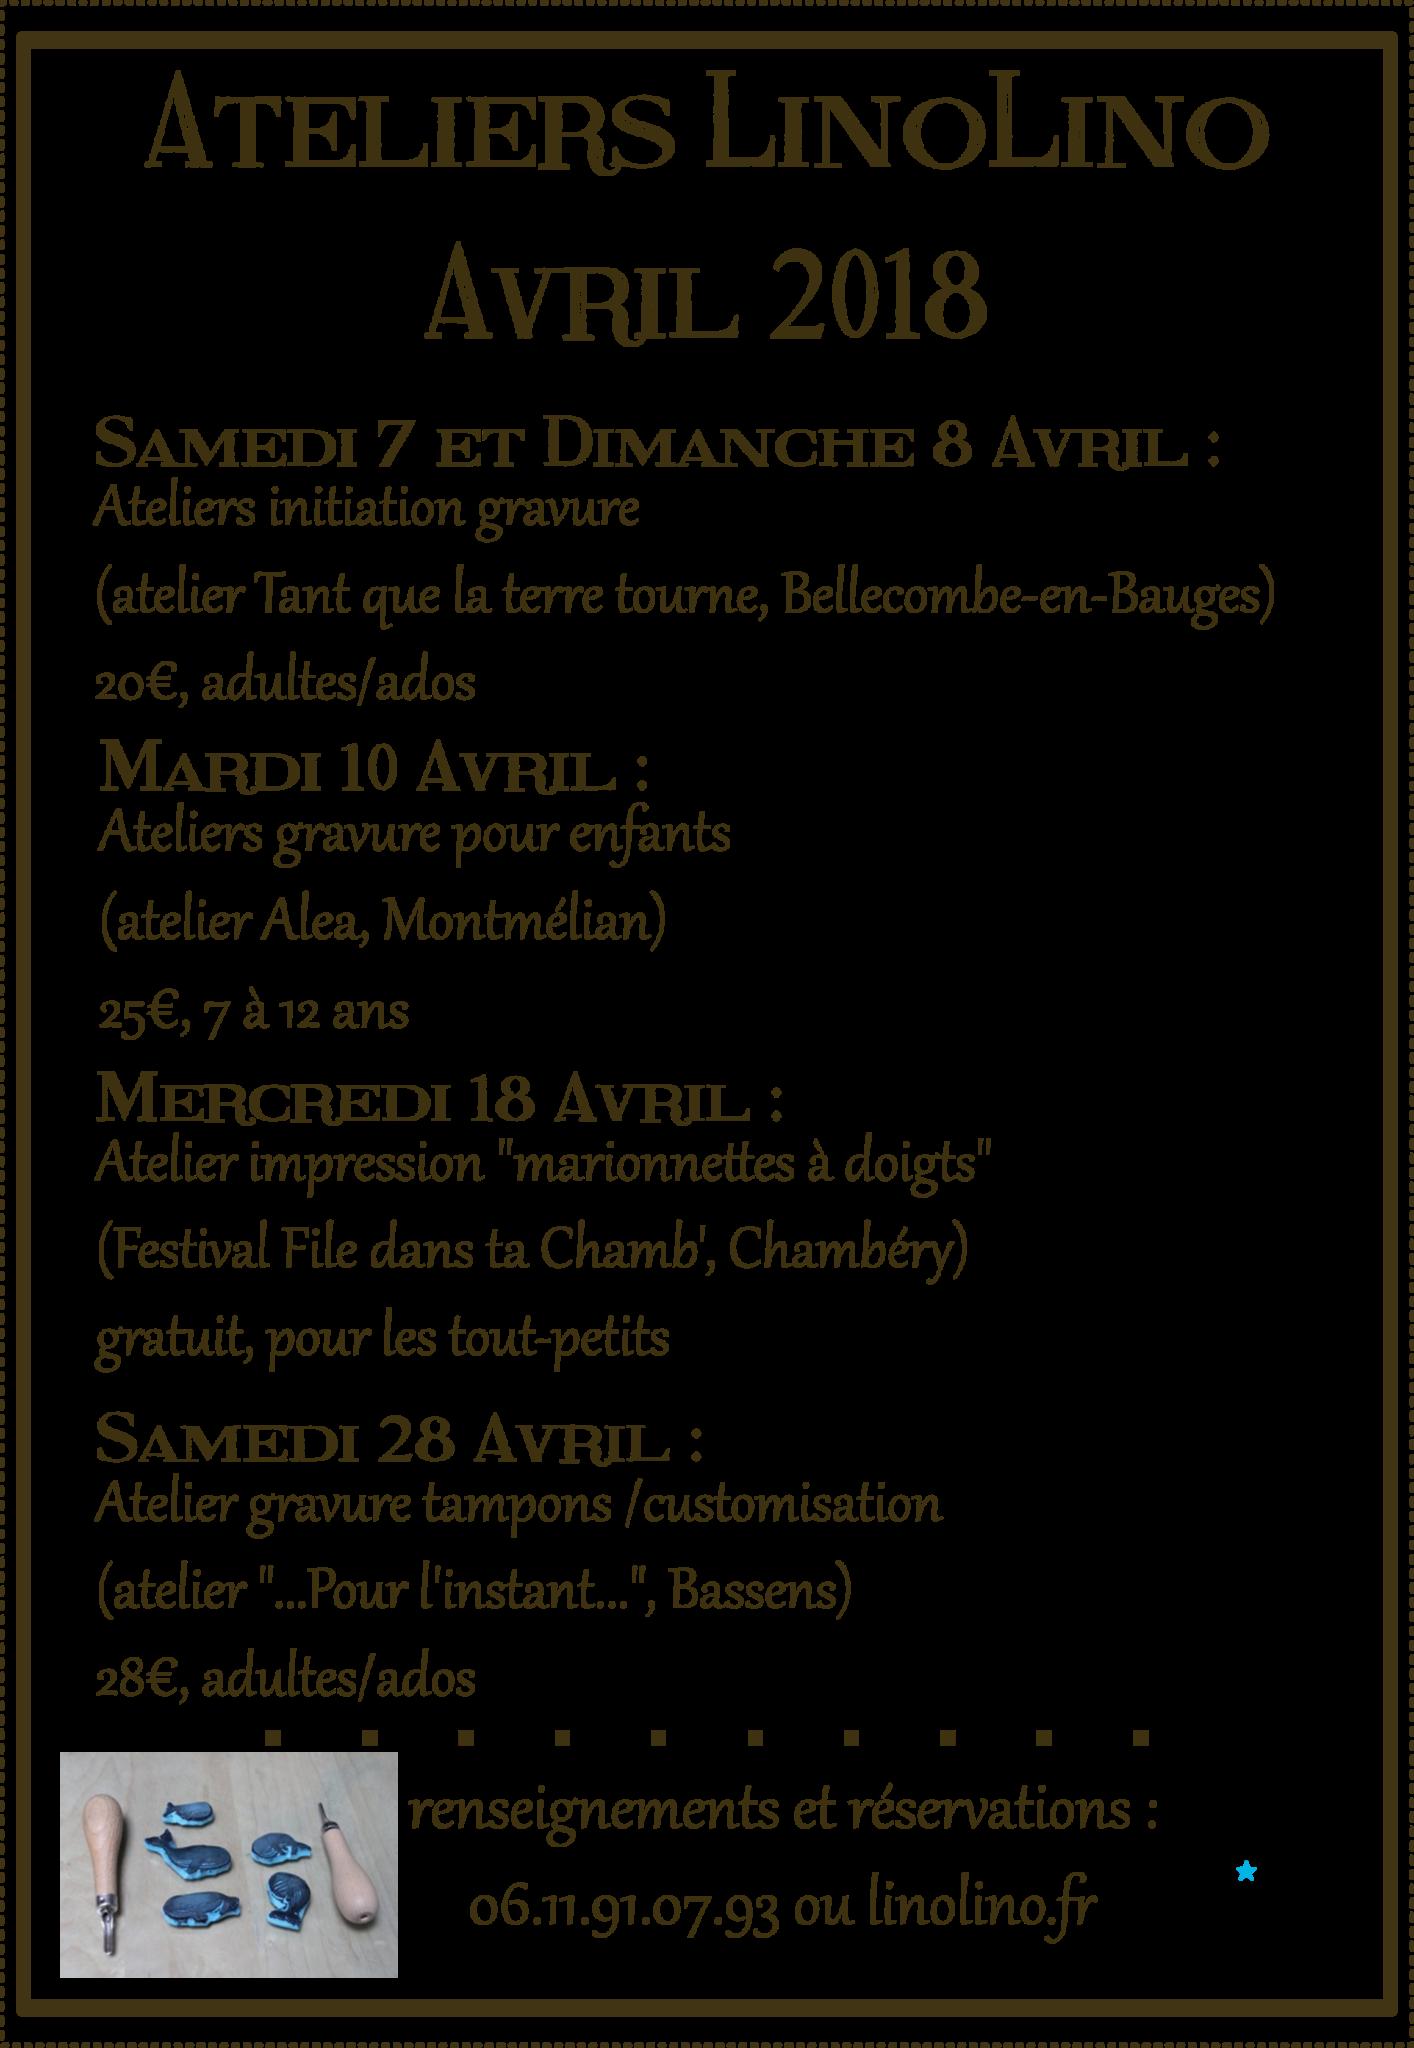 LinoLino | Linogravure et créations à partir d'impressions artisanales | Chambéry, France | Ateliers gravure en avril